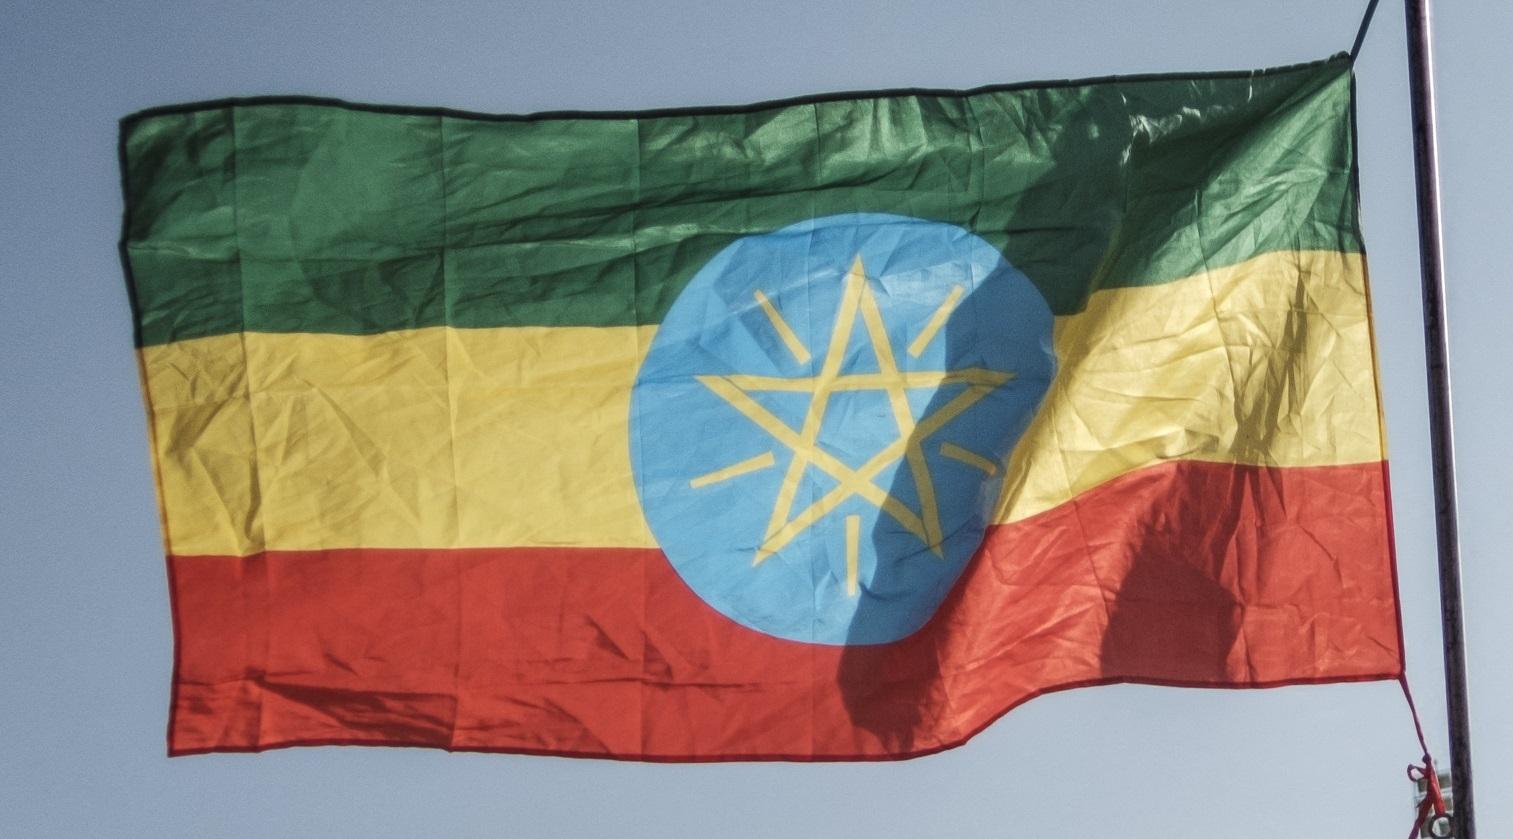 إثيوبيا في رسالة لقطر: نحن مهد البشرية وموطن البن العربي ومصدر النيل